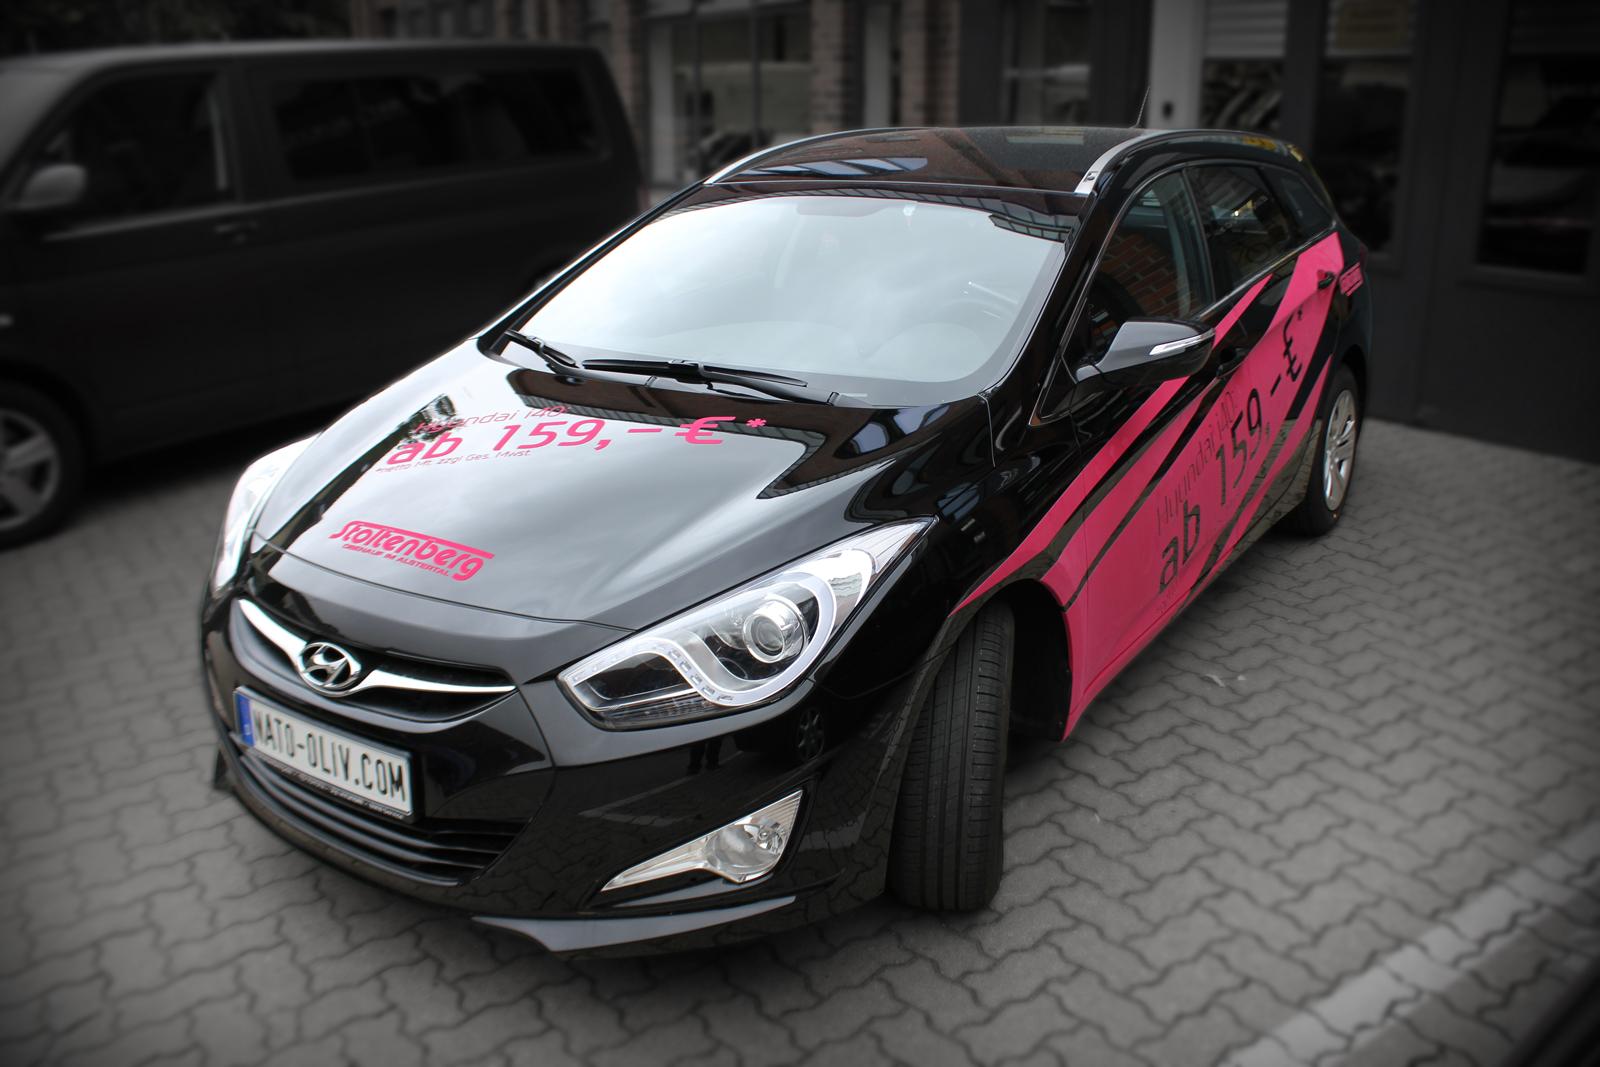 schraege Frontalansicht des mit Samt-Pink-Folie beschrifteten Hyundai i40